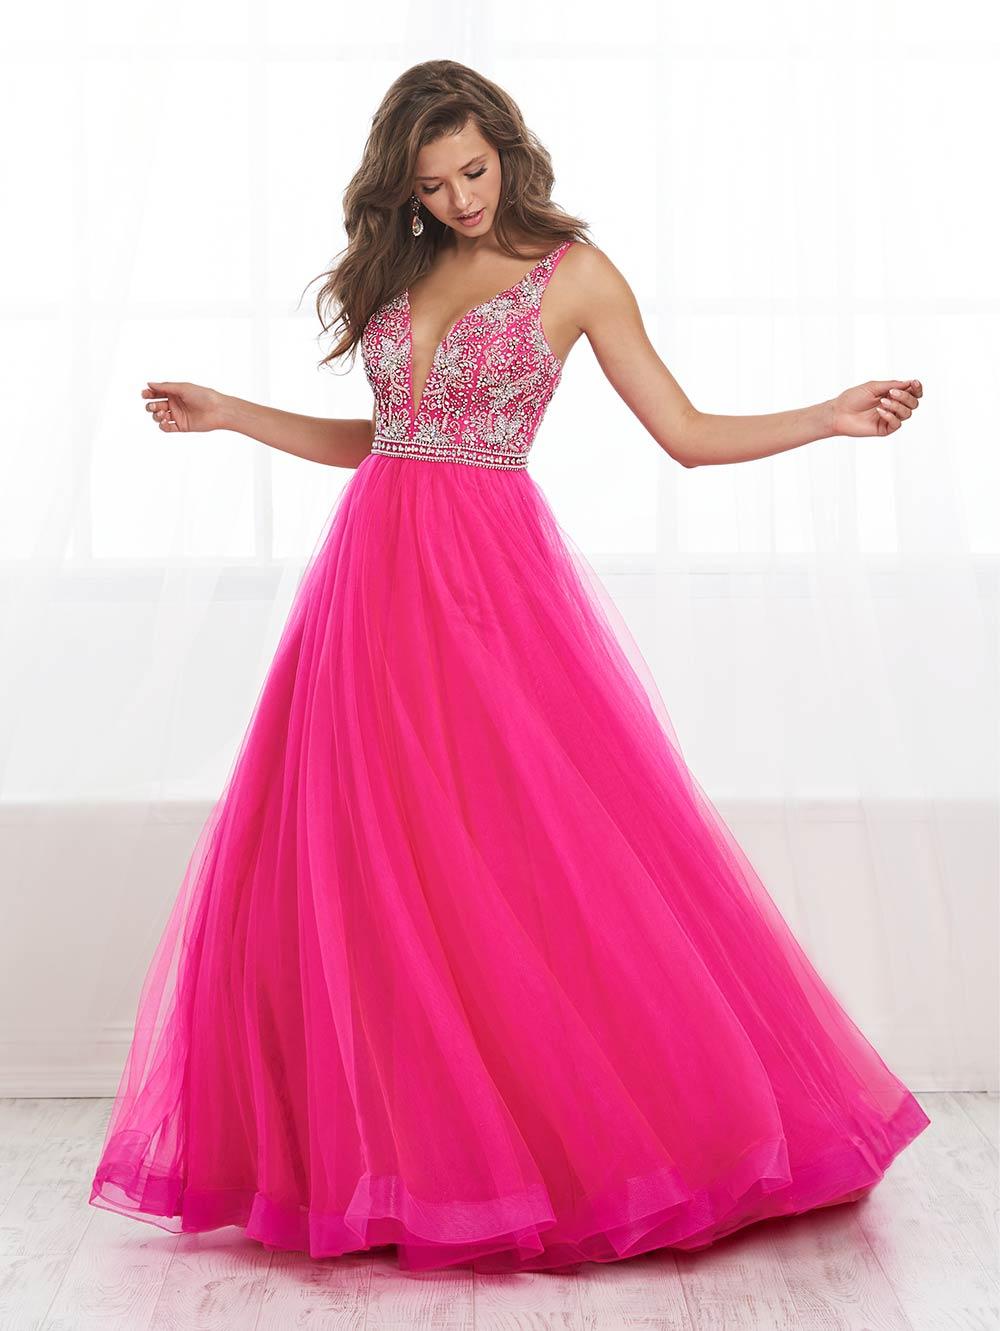 prom-dresses-jacquelin-bridals-canada-27652